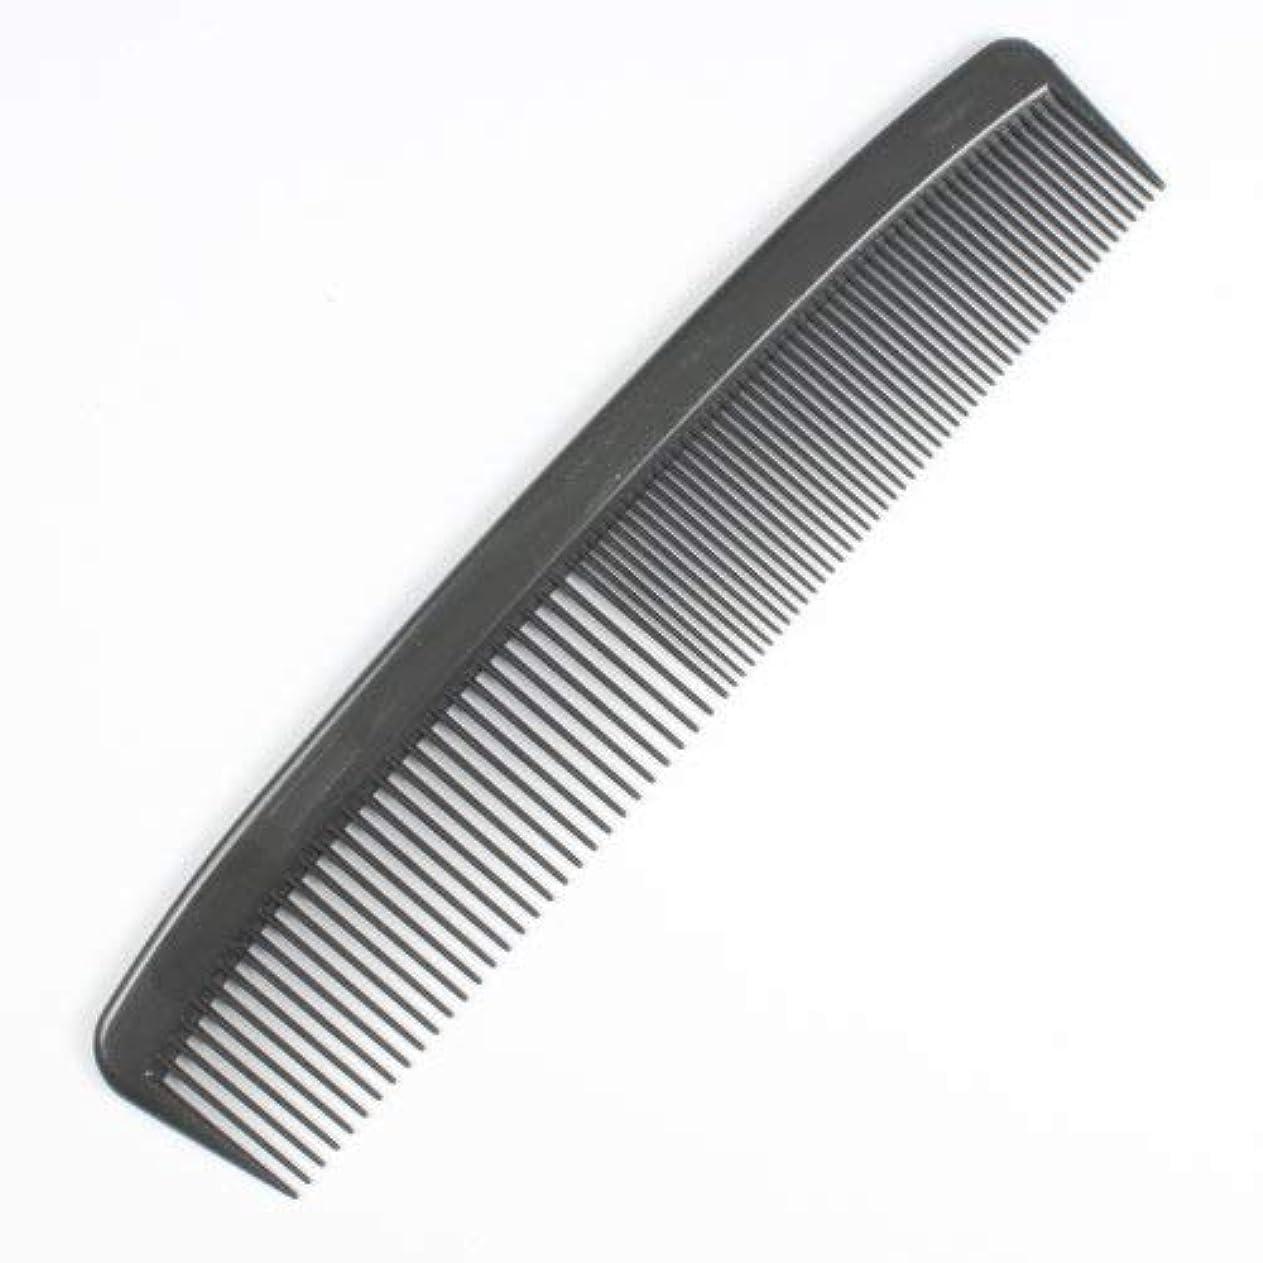 においシルエット容疑者Dynarex Adult Combs, 5 Inches, Black, 240 Count [並行輸入品]